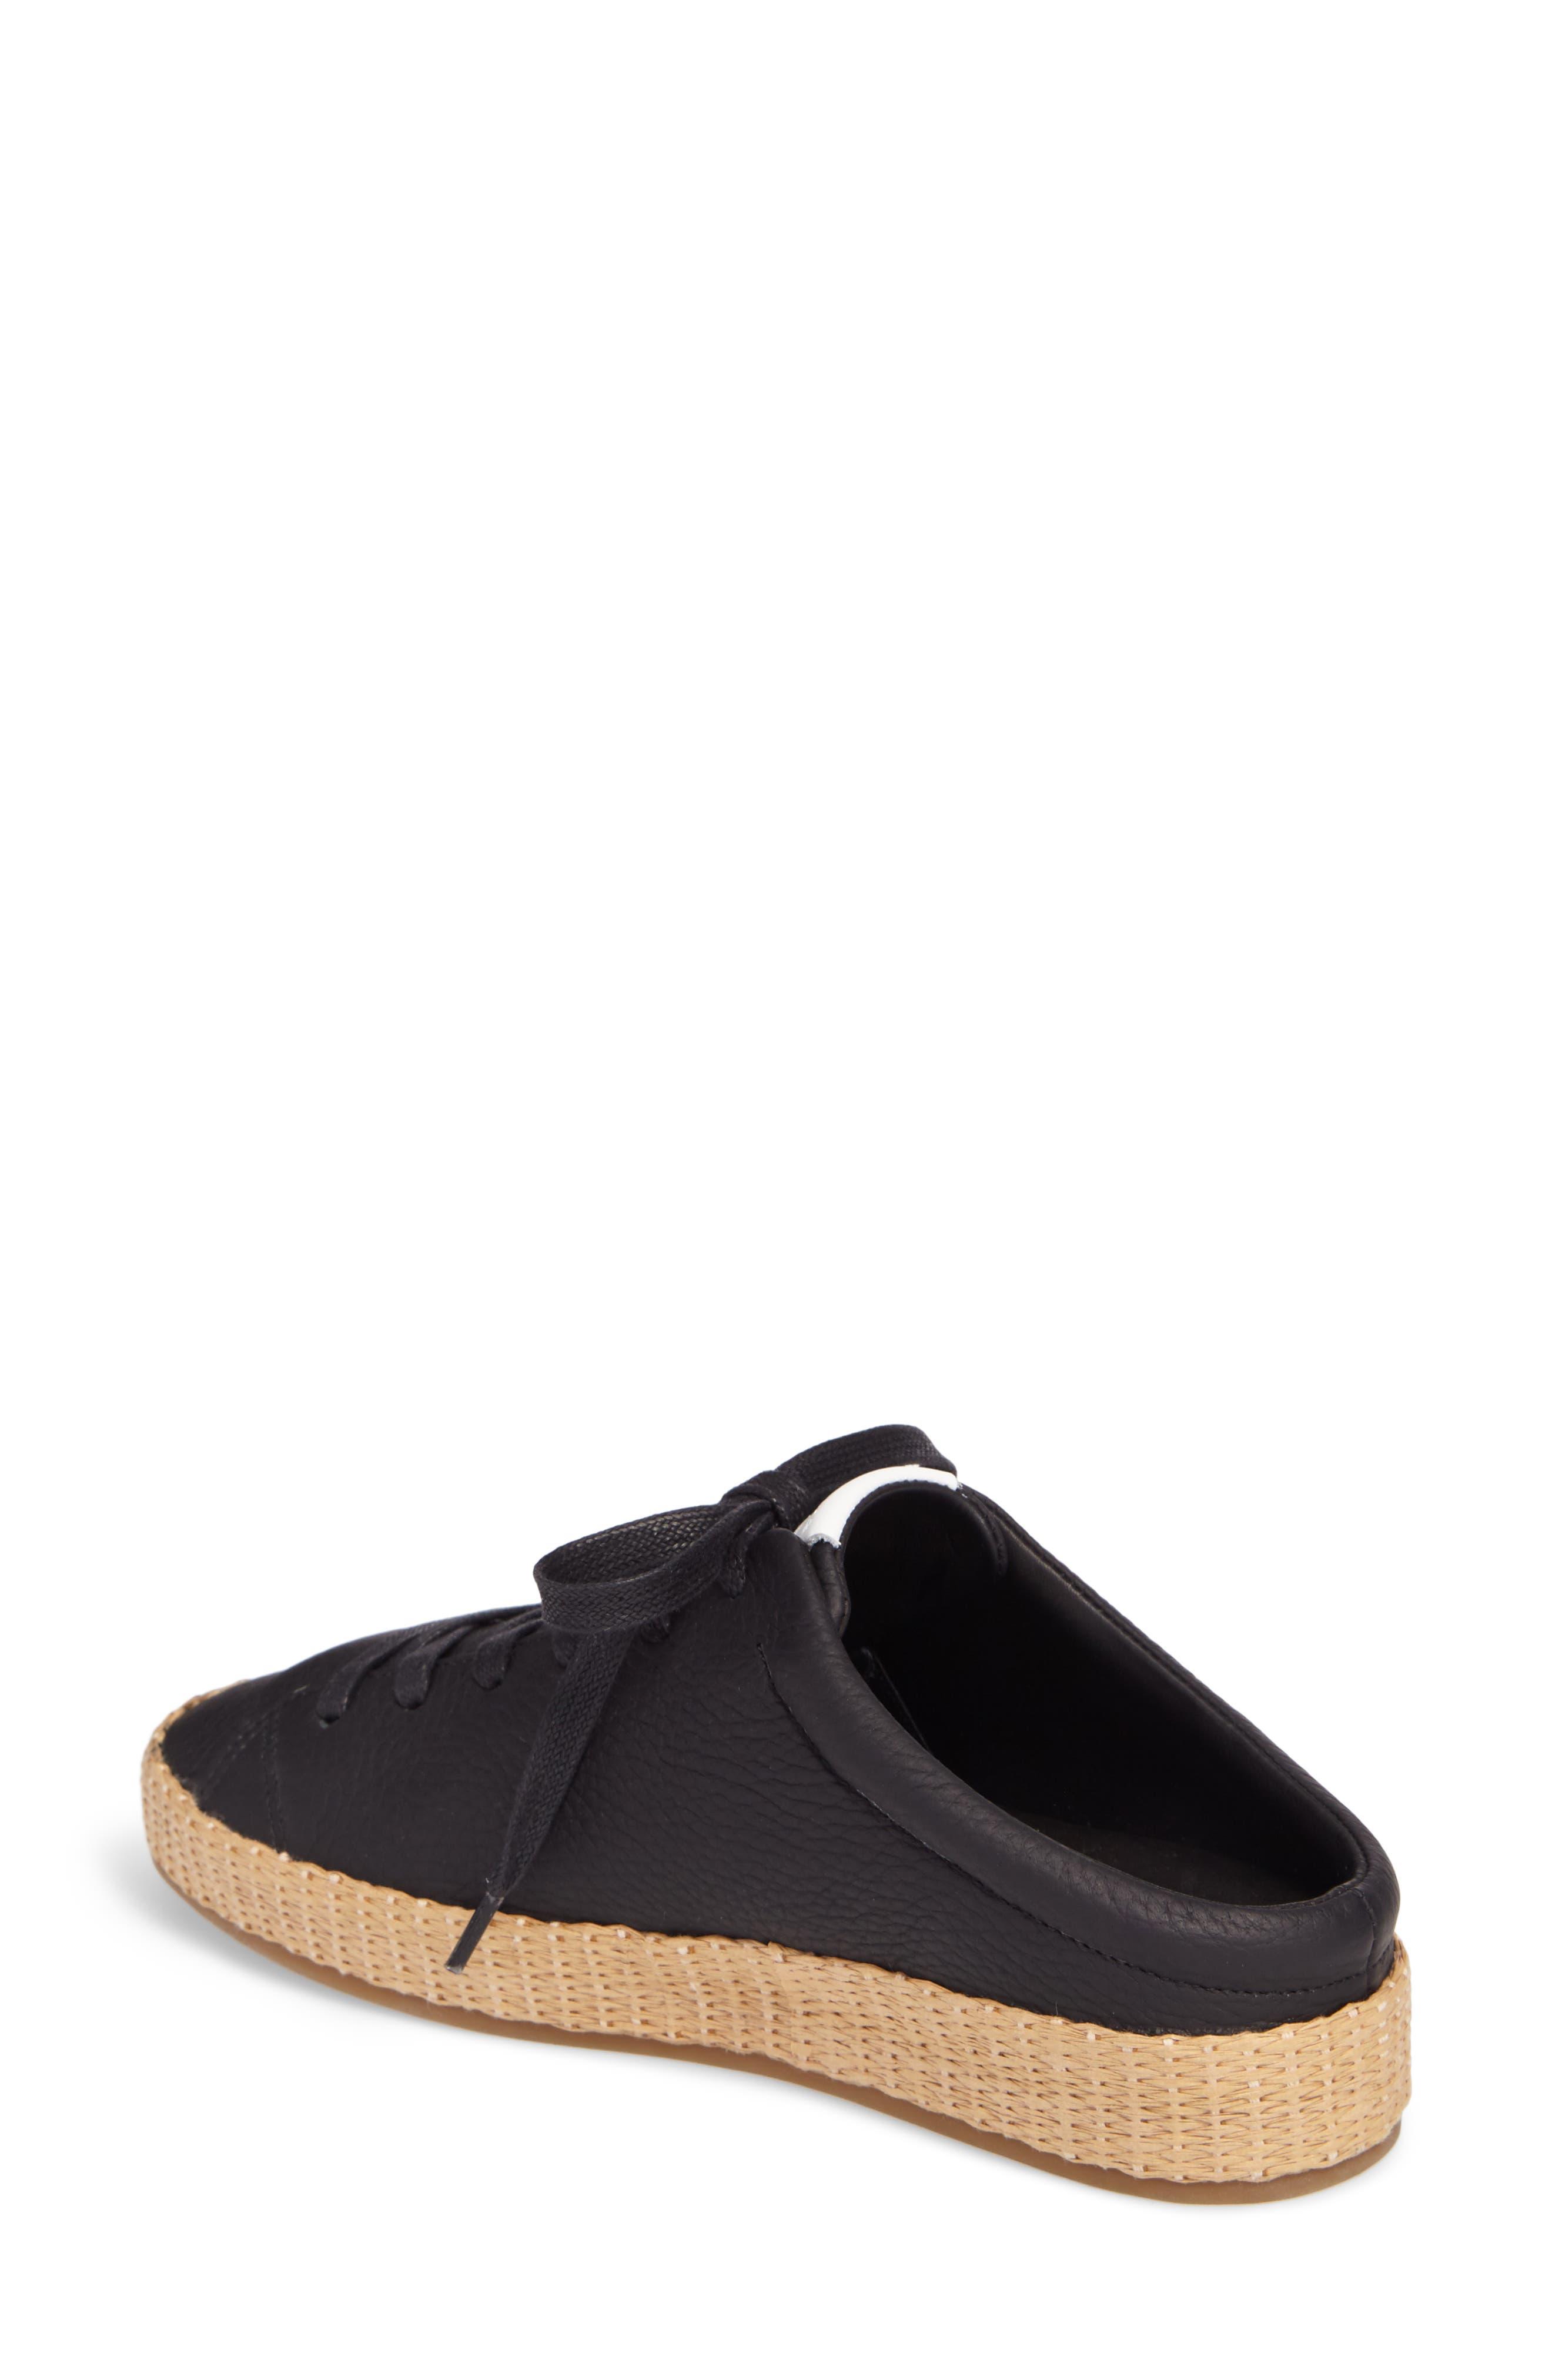 RB1 Slip-On Sneaker,                             Alternate thumbnail 2, color,                             001